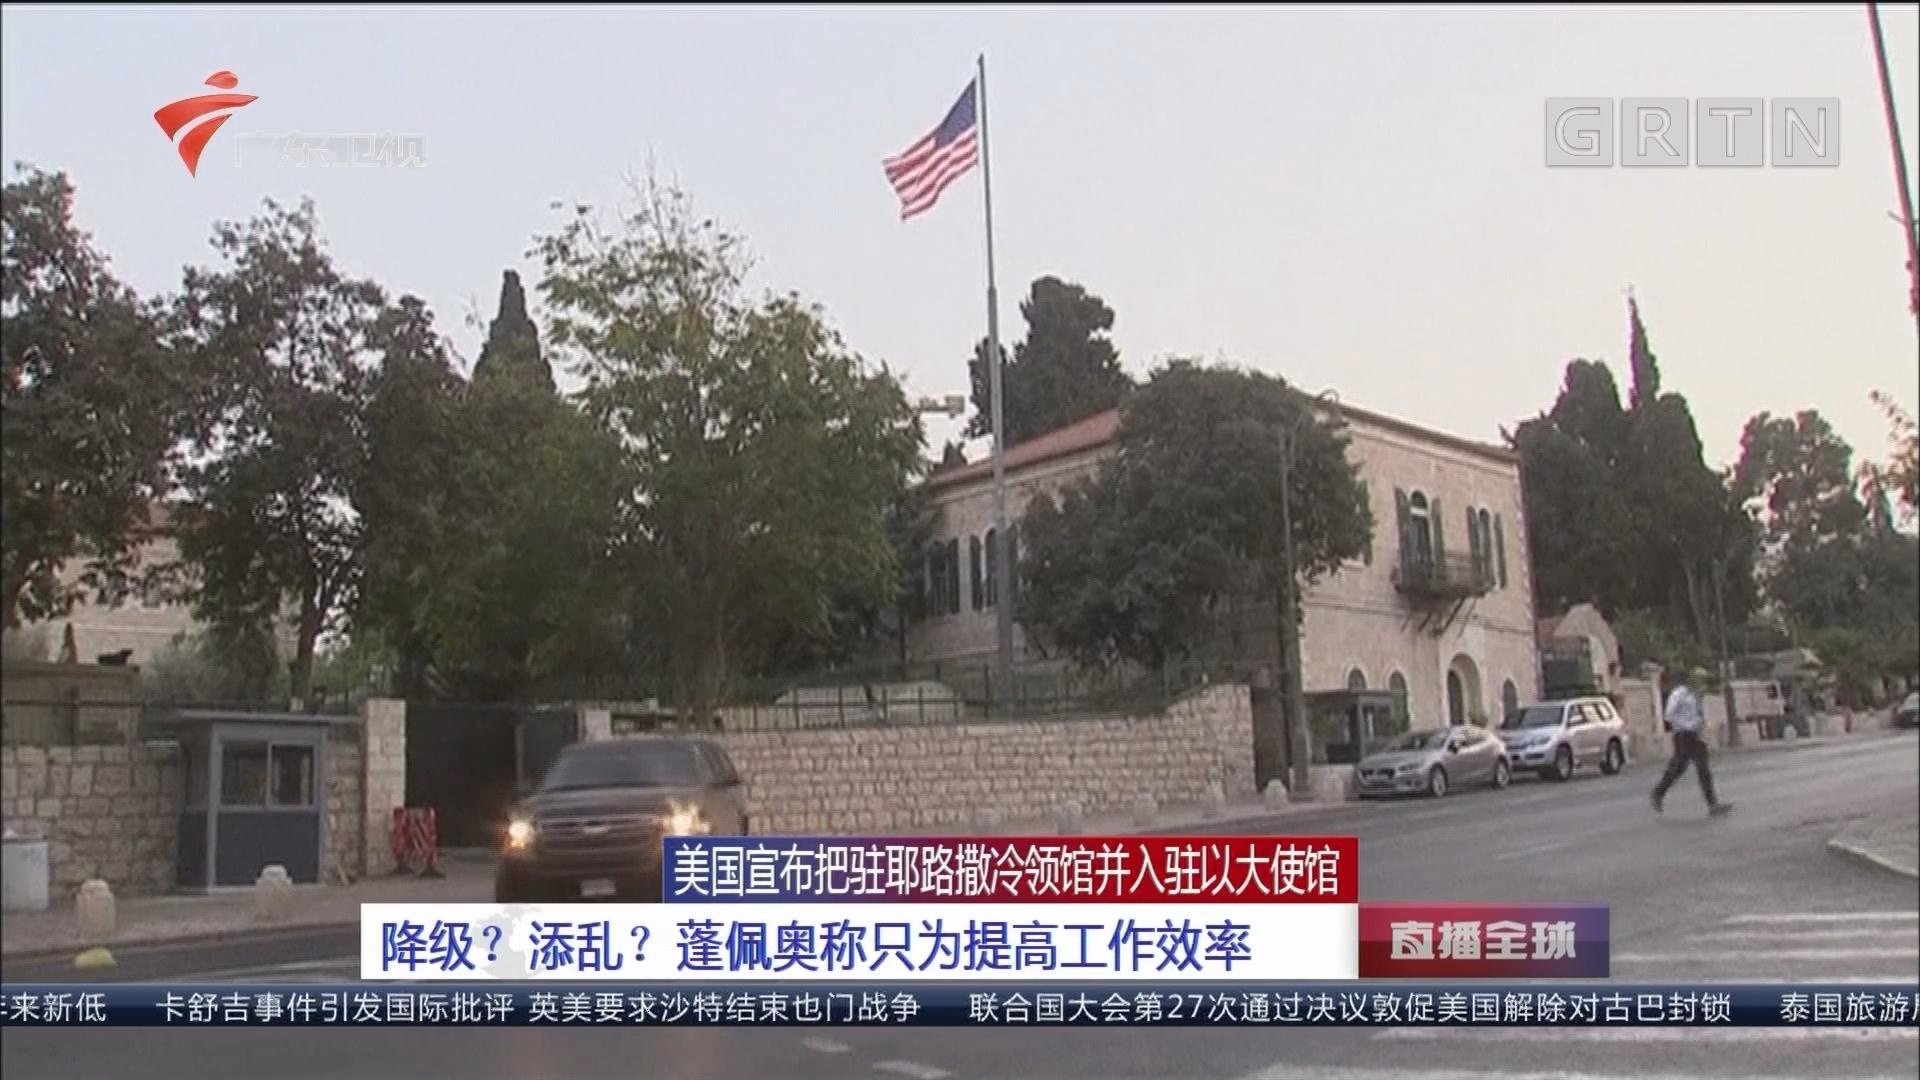 美国宣布把驻耶路撒冷领馆并入驻以大使馆:降级?添乱?蓬佩奥称只为提高工作效率